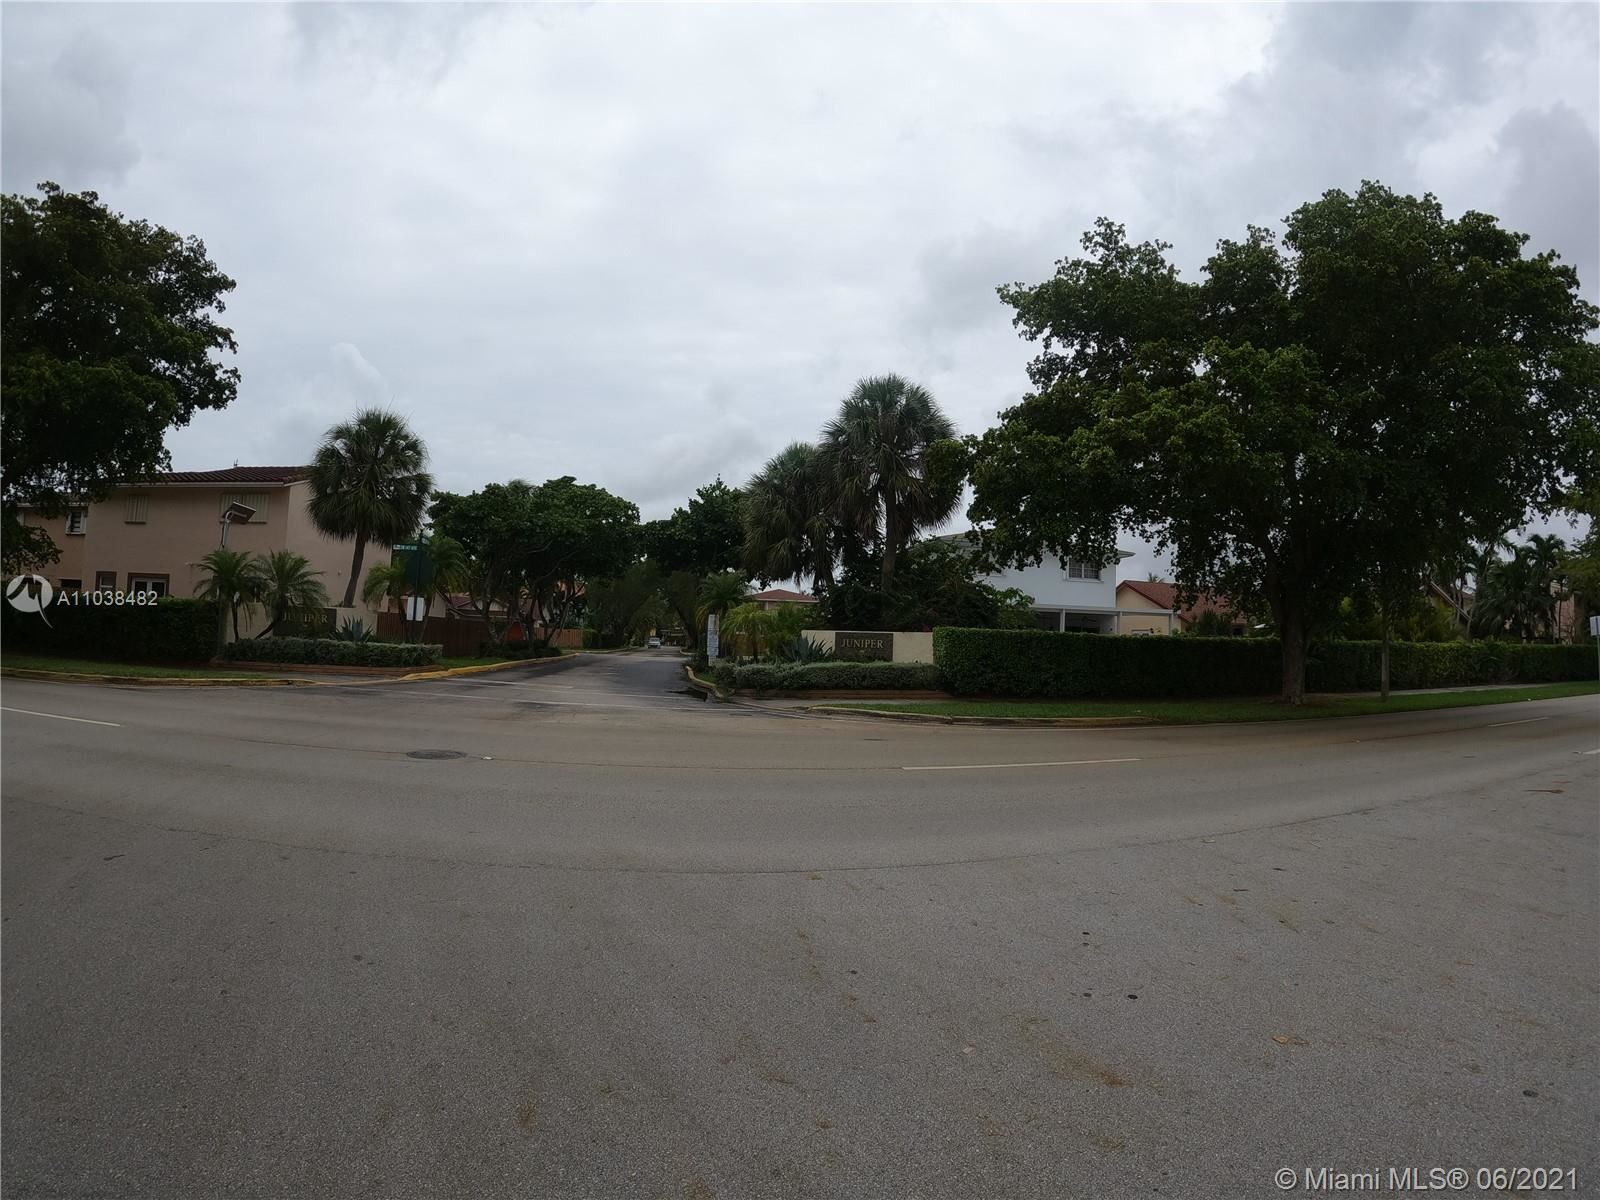 10511 SW 147th Ct, Miami, FL 33196 - #: A11038482